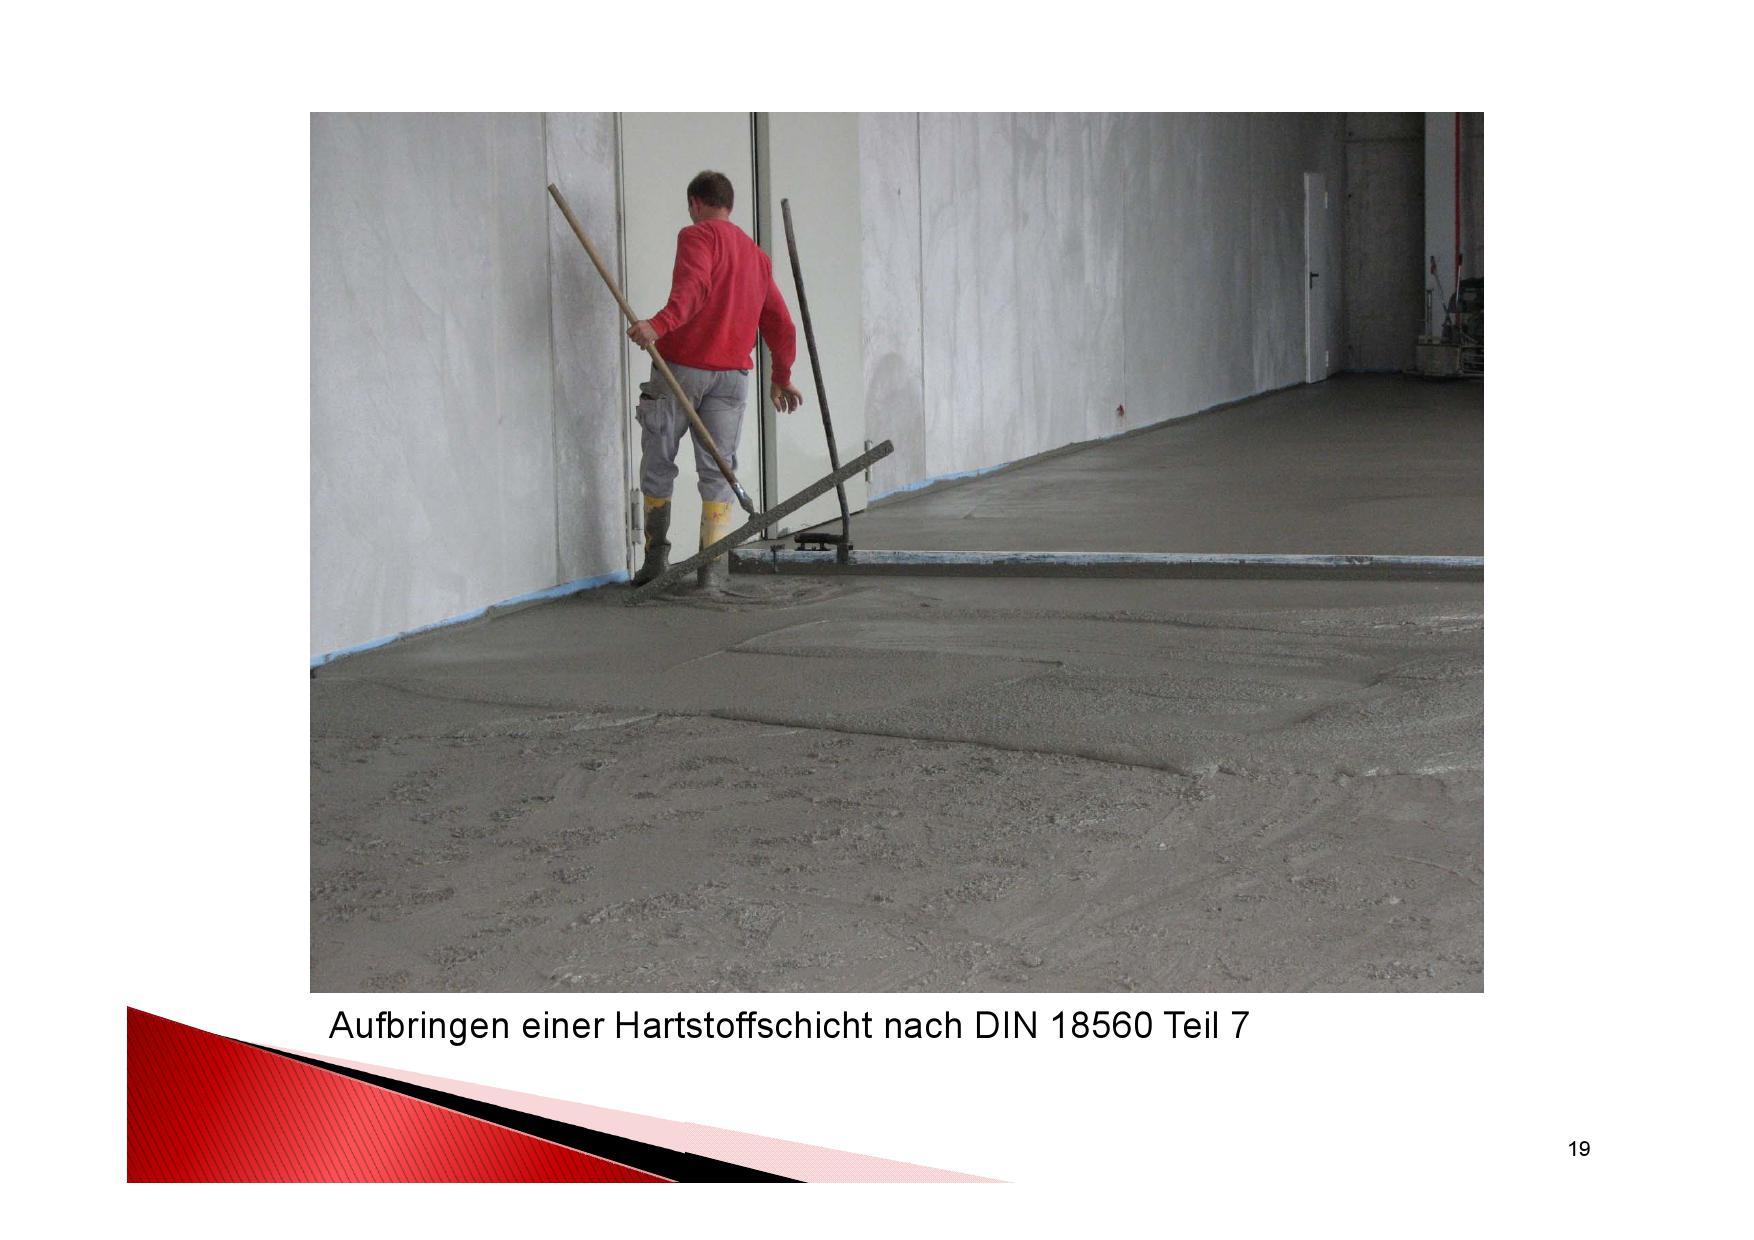 Weiterer Arbeistschritt: Aufbringen einer Hartstoffschicht nach DINB